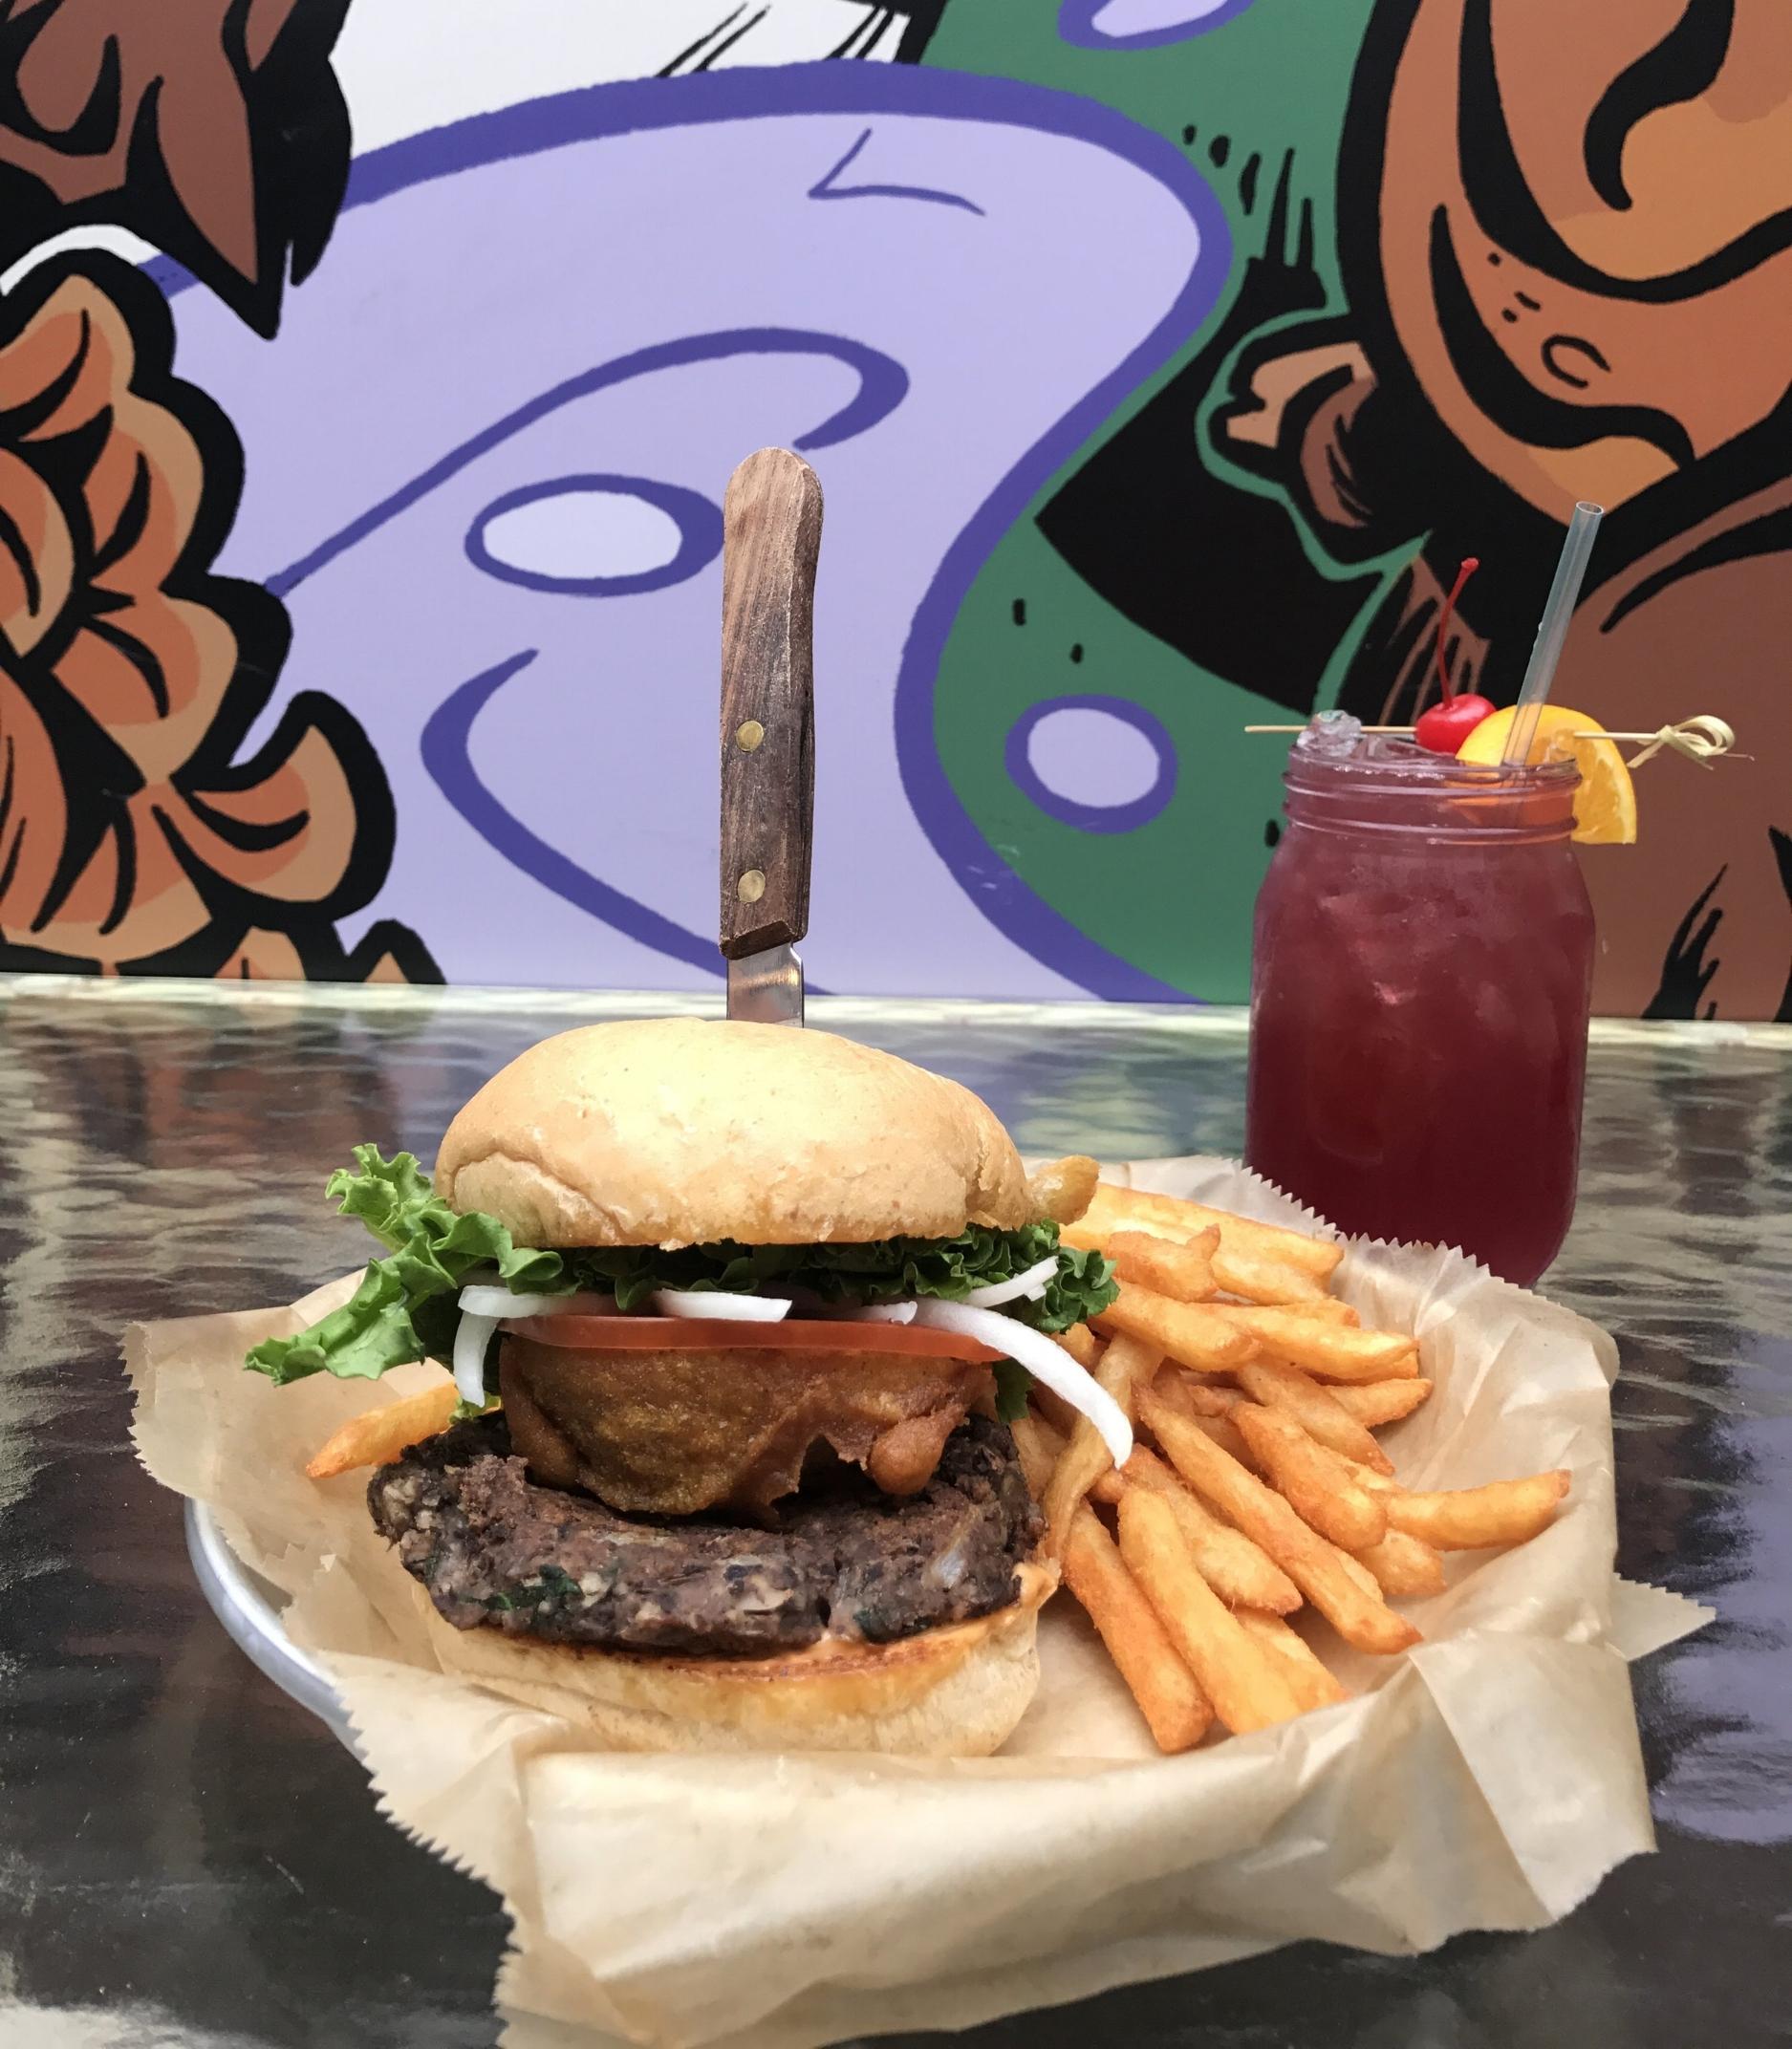 Vegan Burger at Stella's Lounge